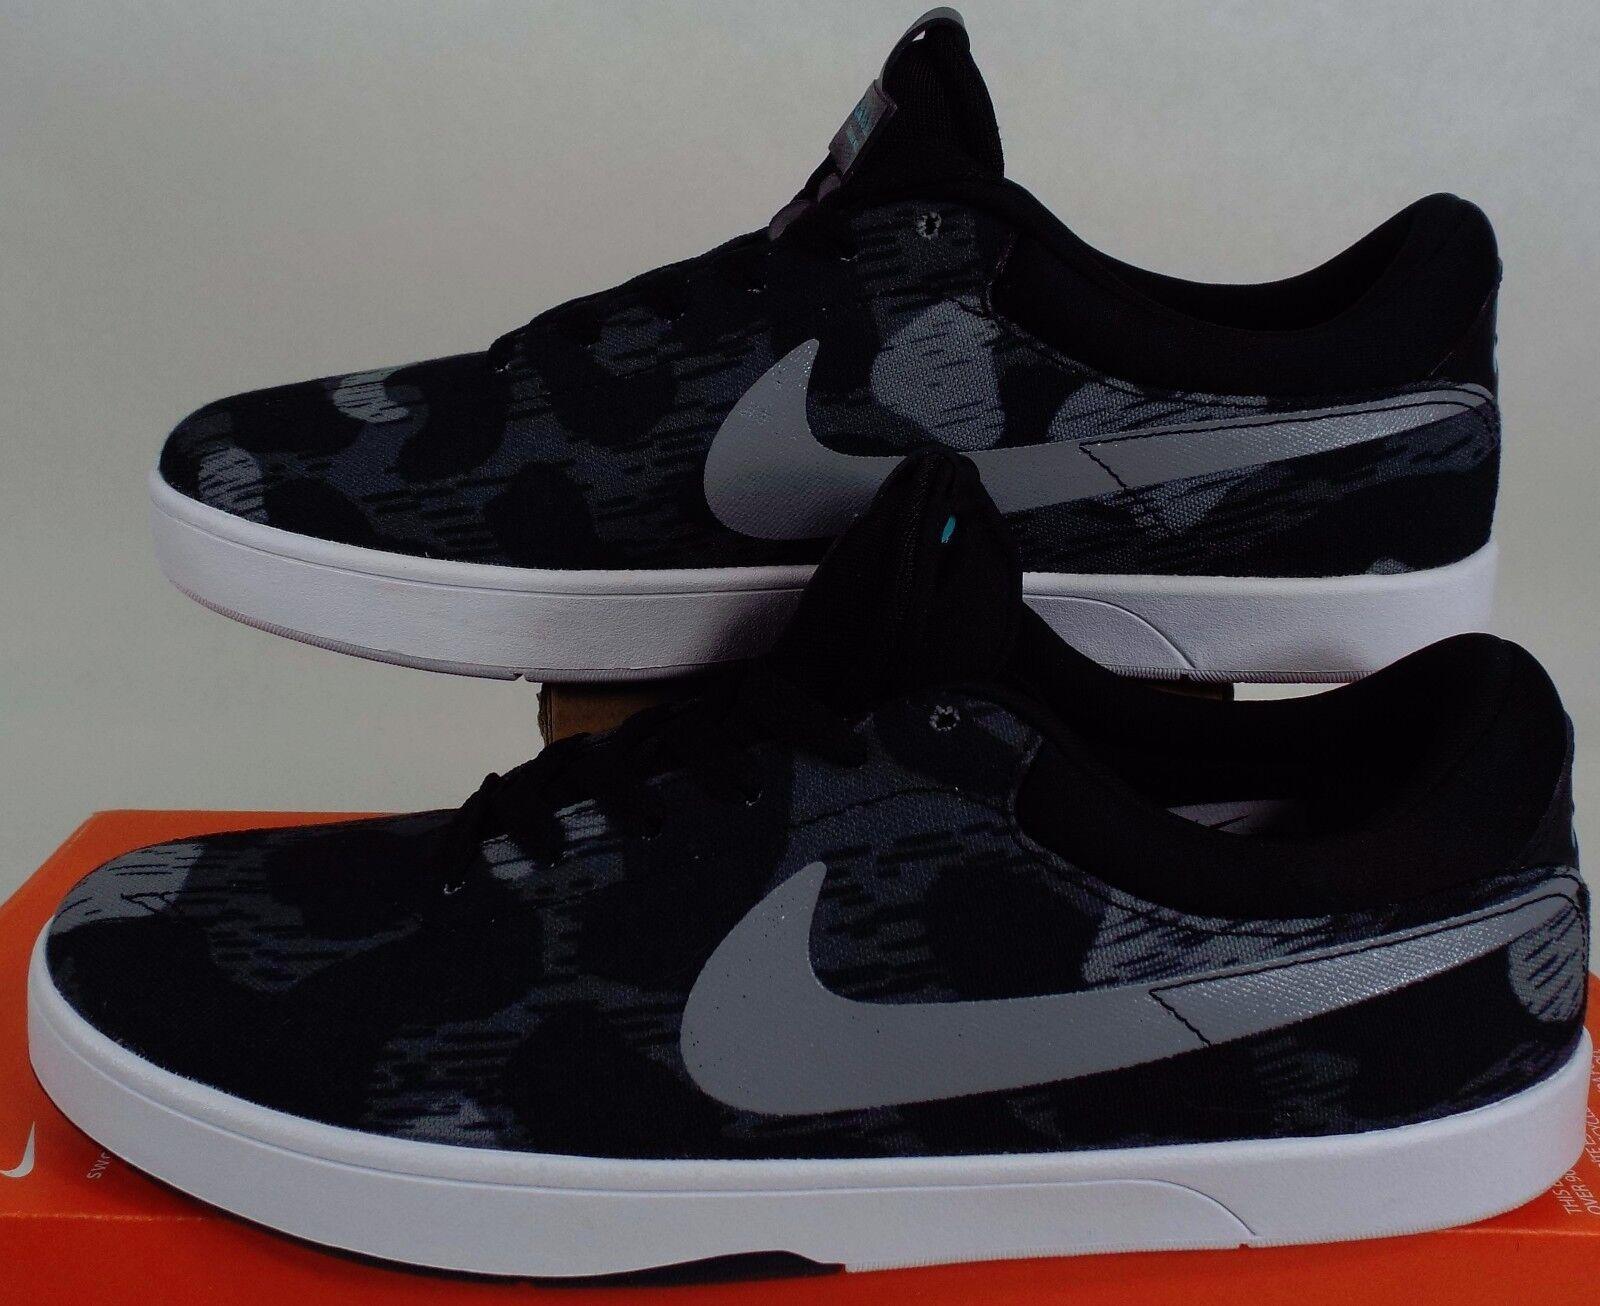 RARE SAMPLE New Mens 9 NIKE SB Eric Koston Signature Model shoes 579778-005